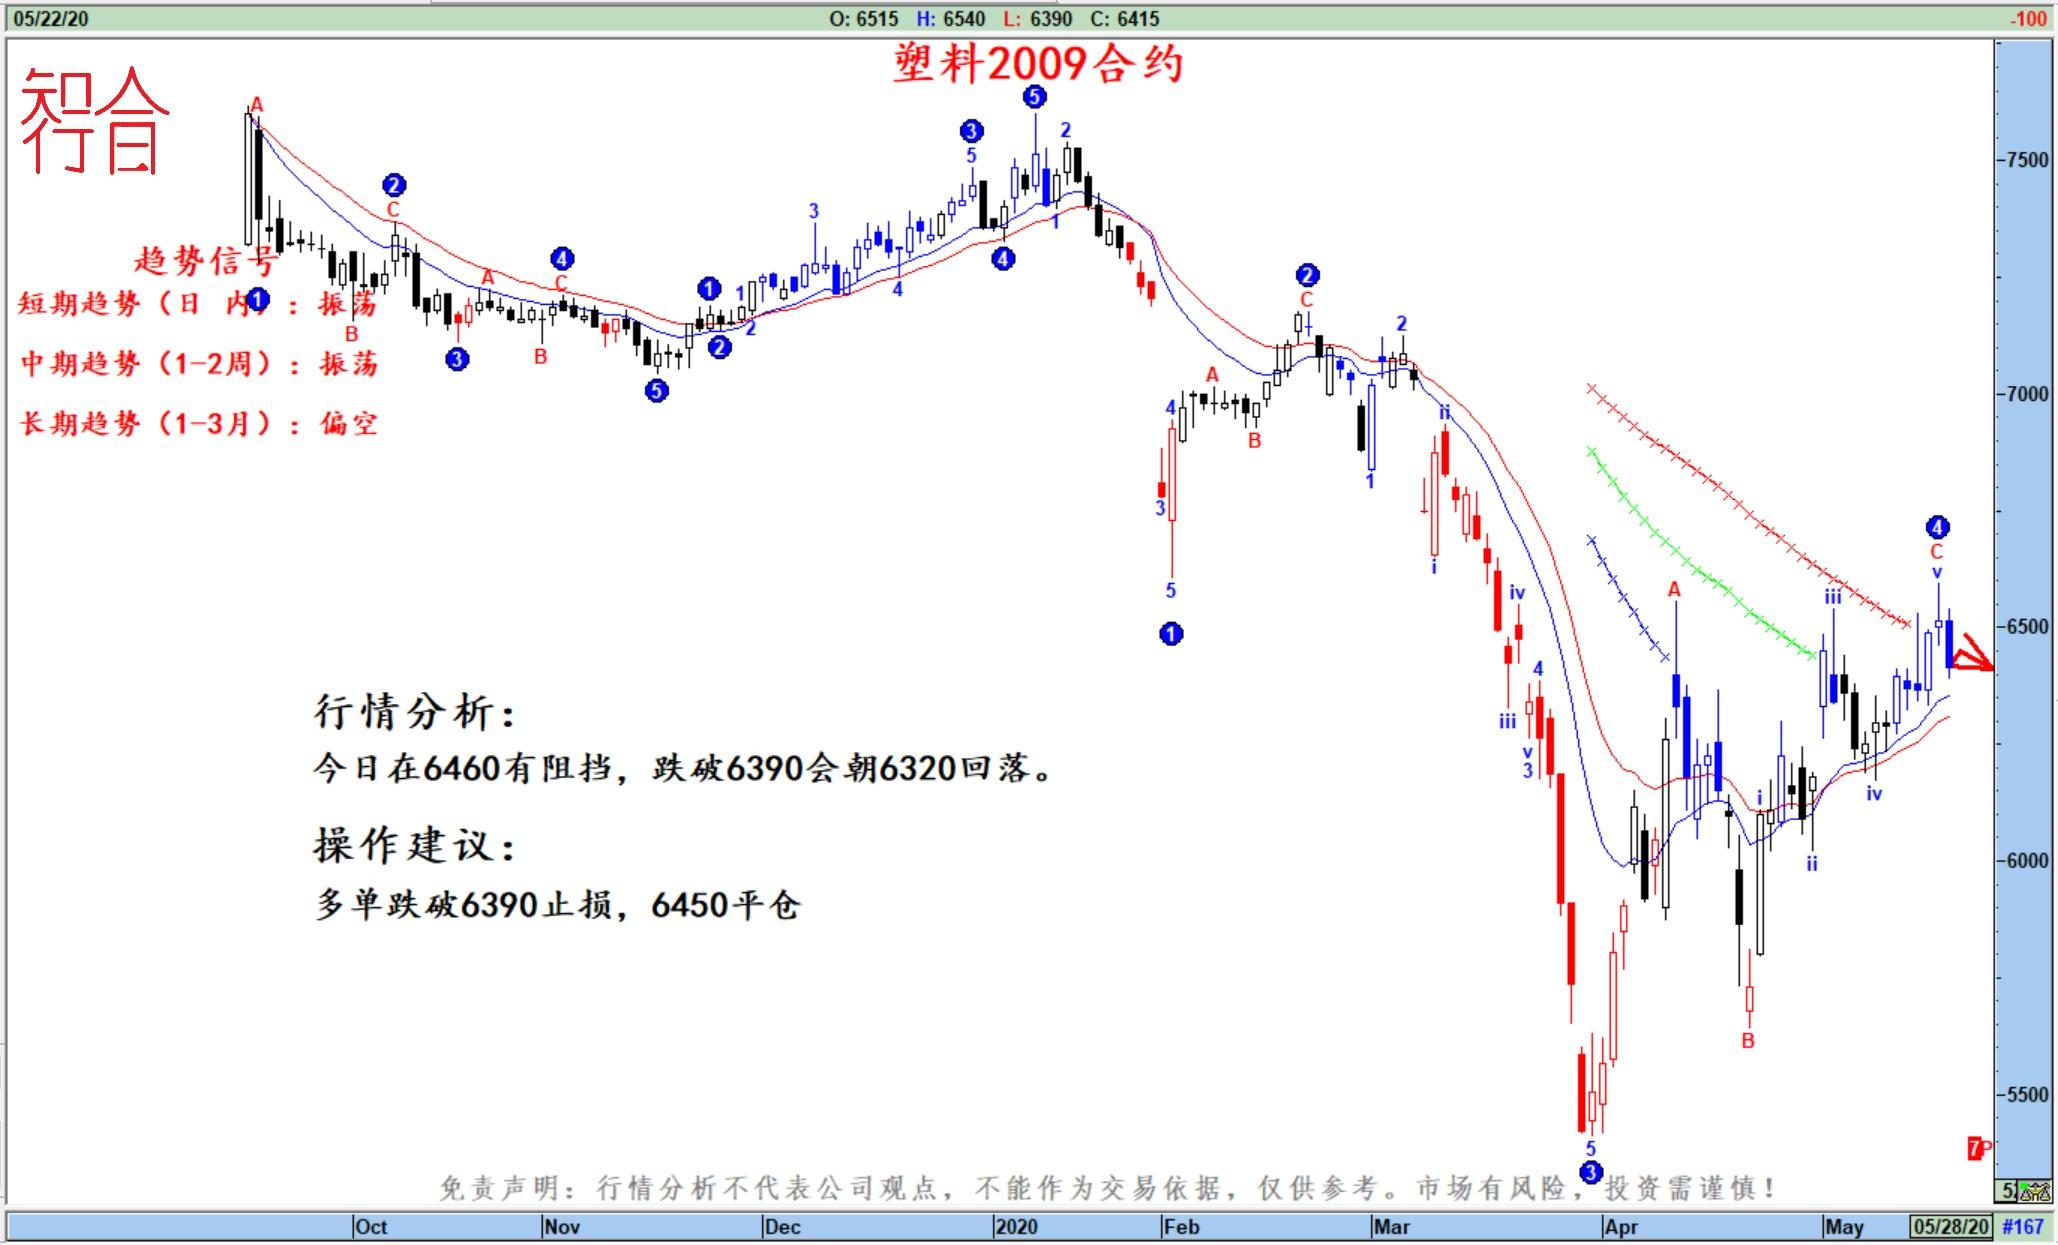 知行合一:5月25日期货高清组图